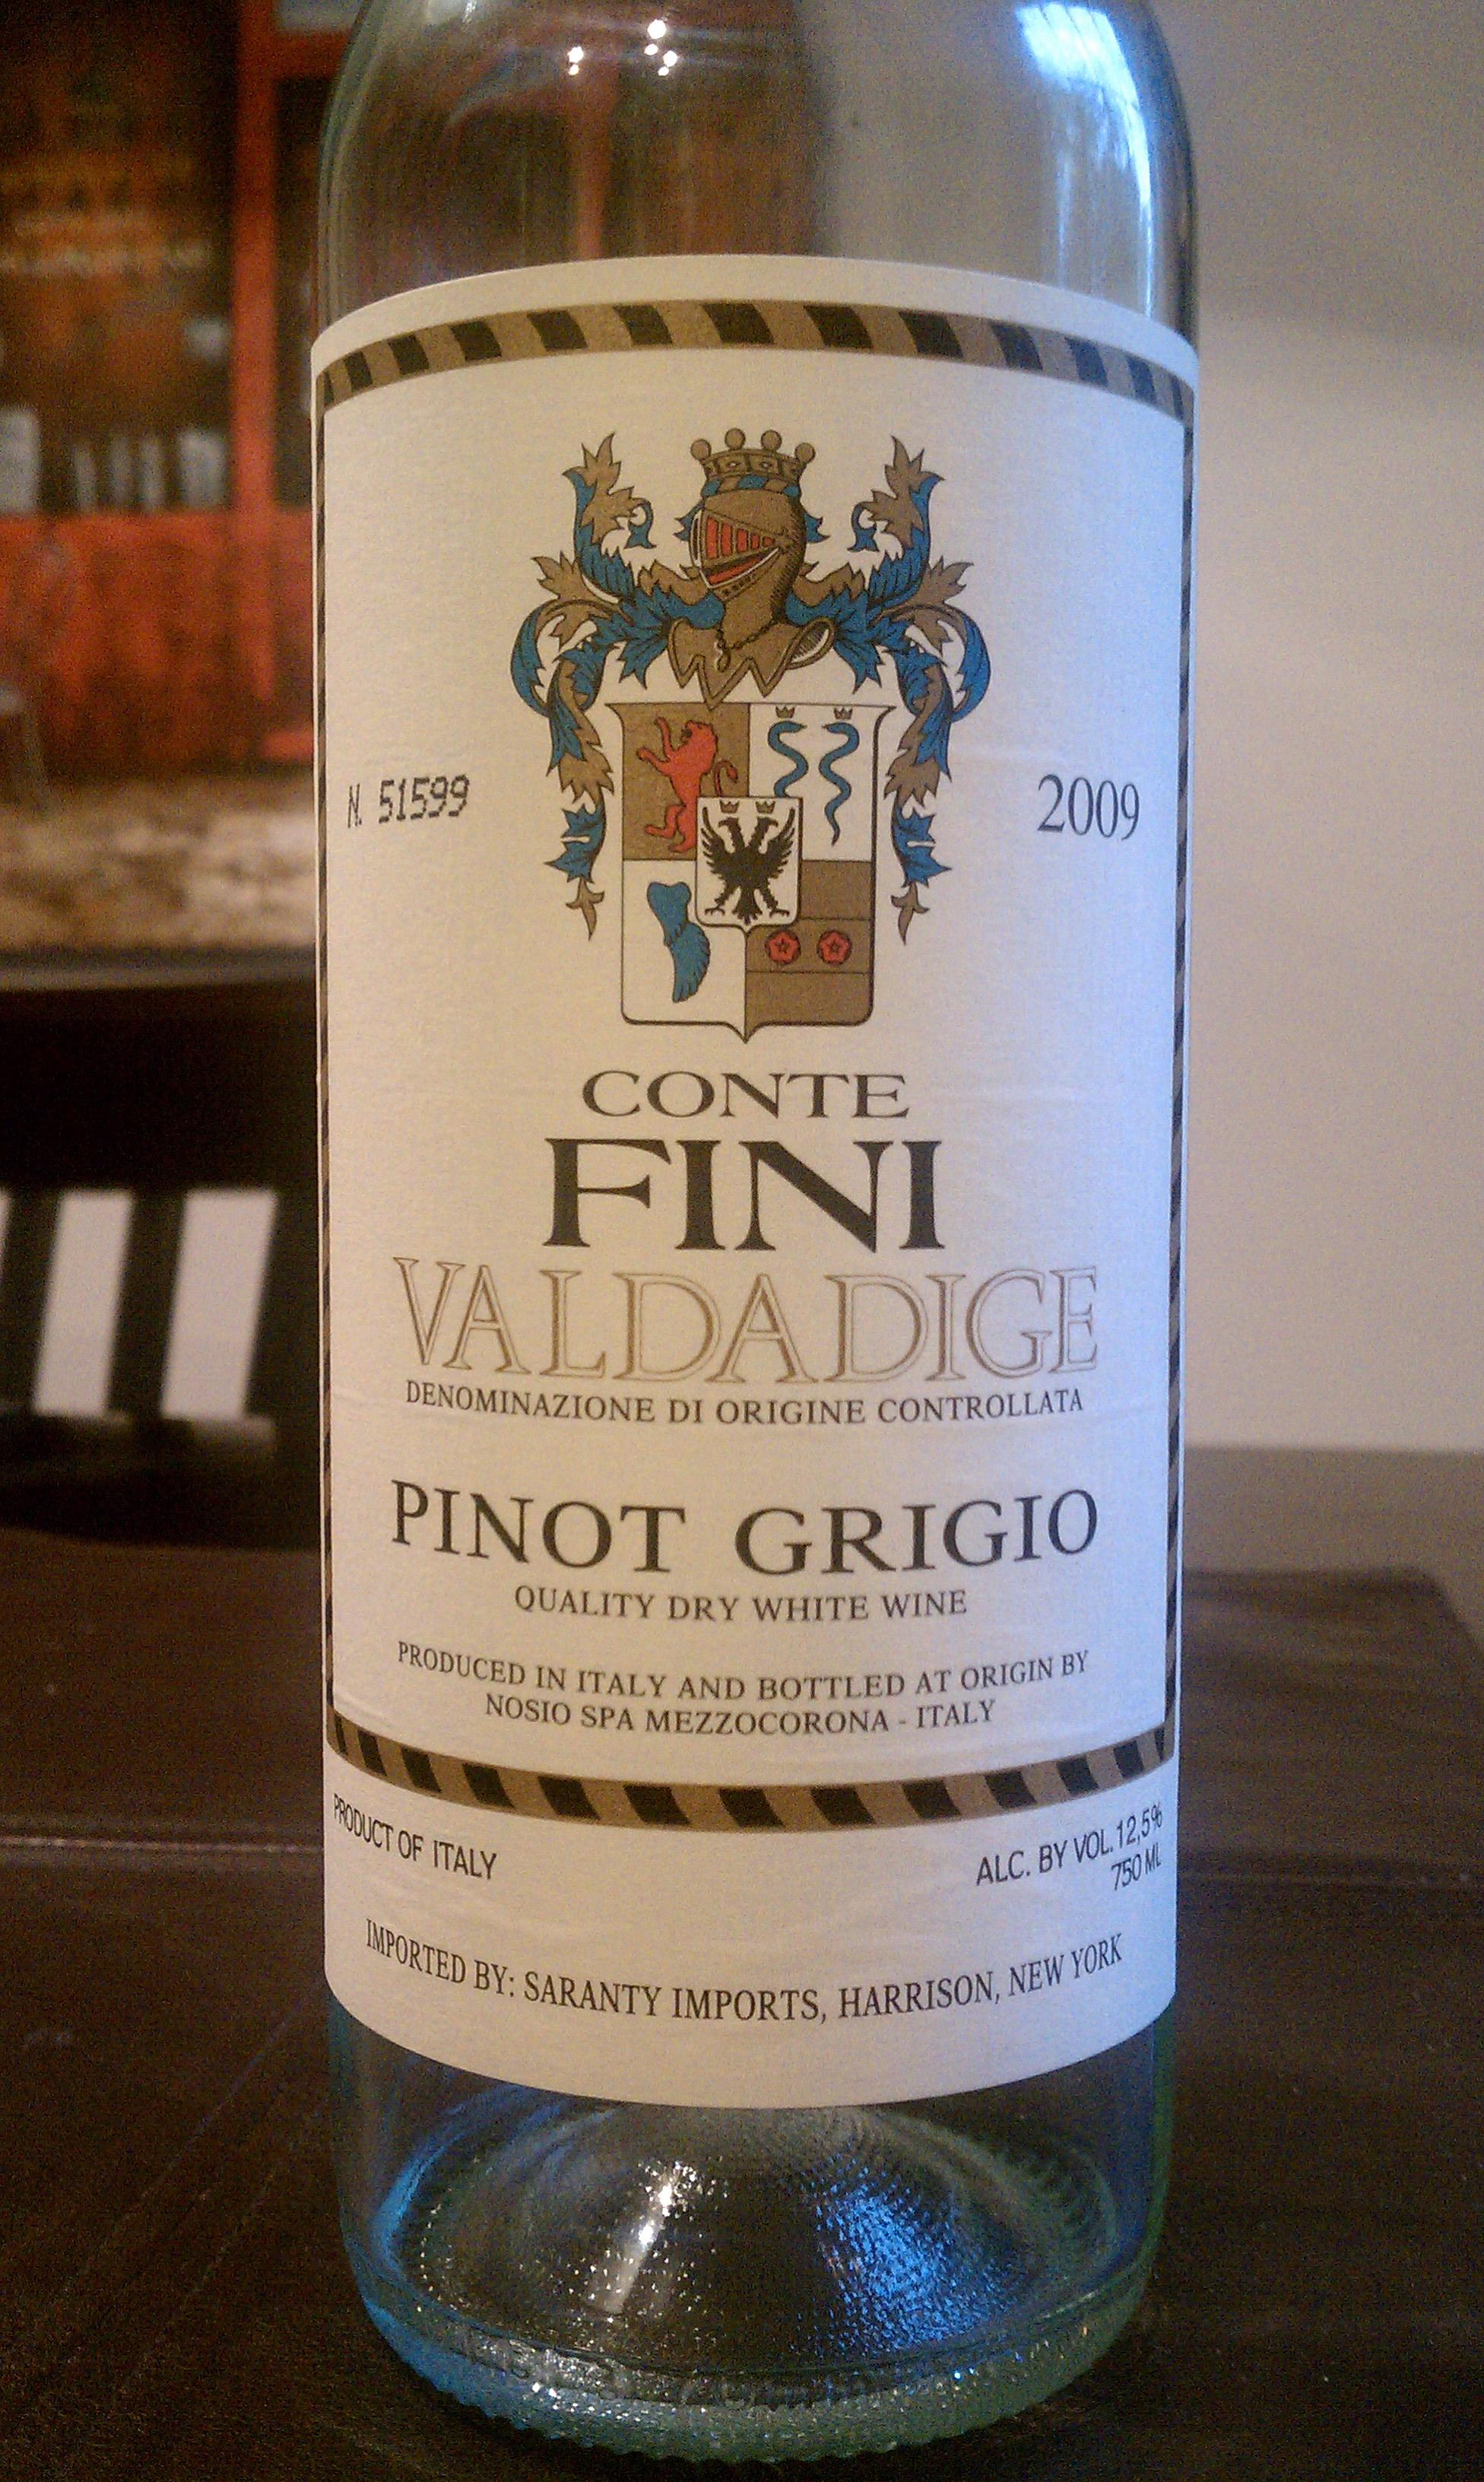 2009 Conte Fini Pinot Grigio